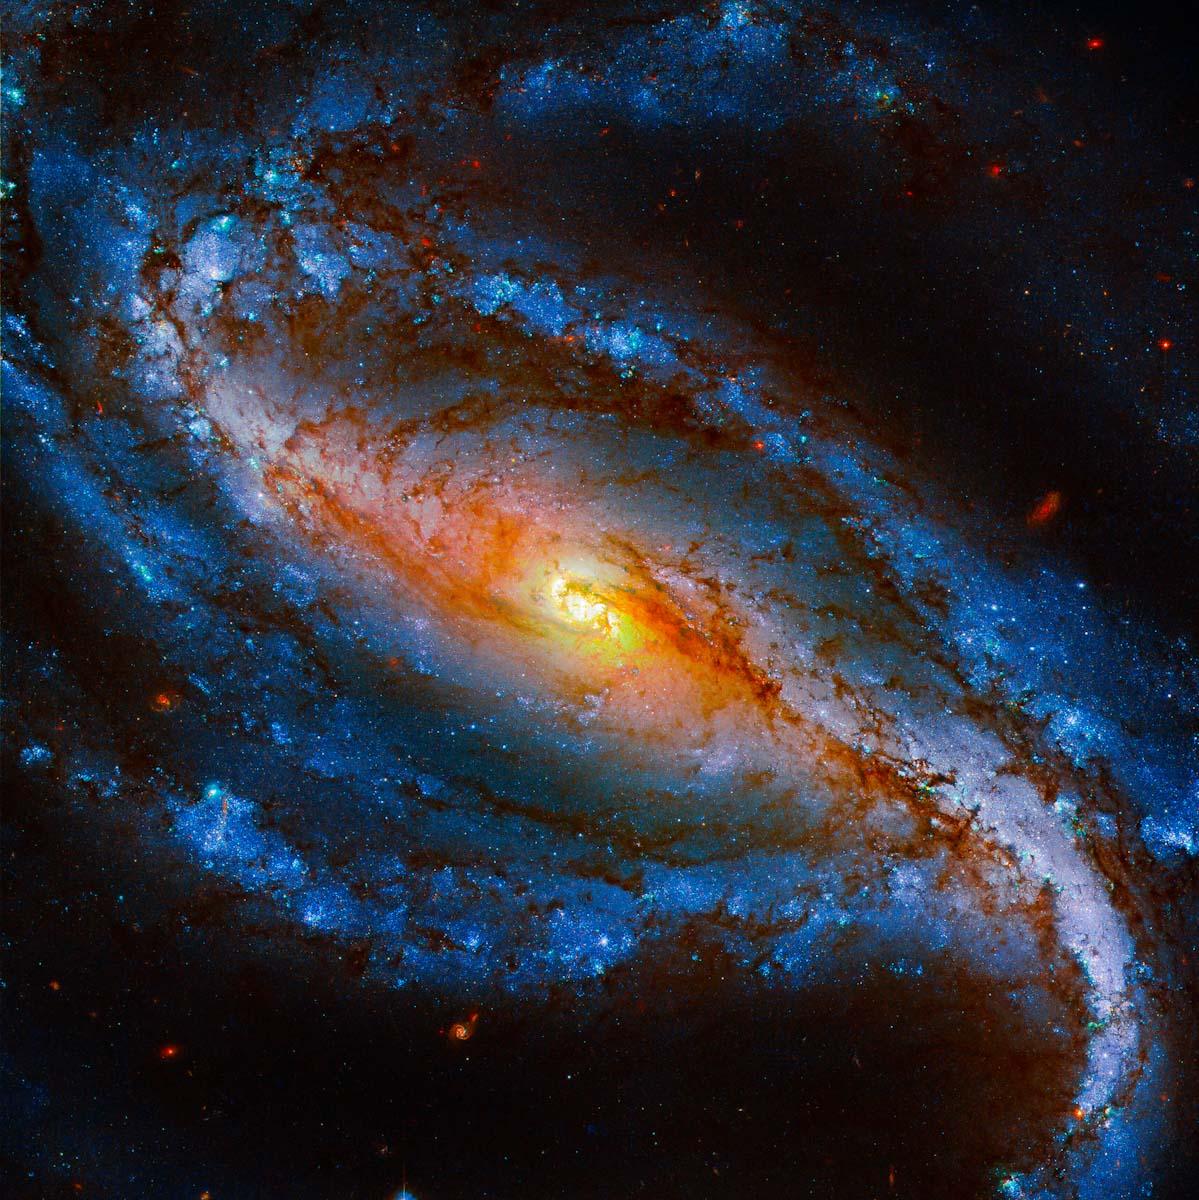 Hubble revela galáxia 'esculpida' na constelação do Escultor